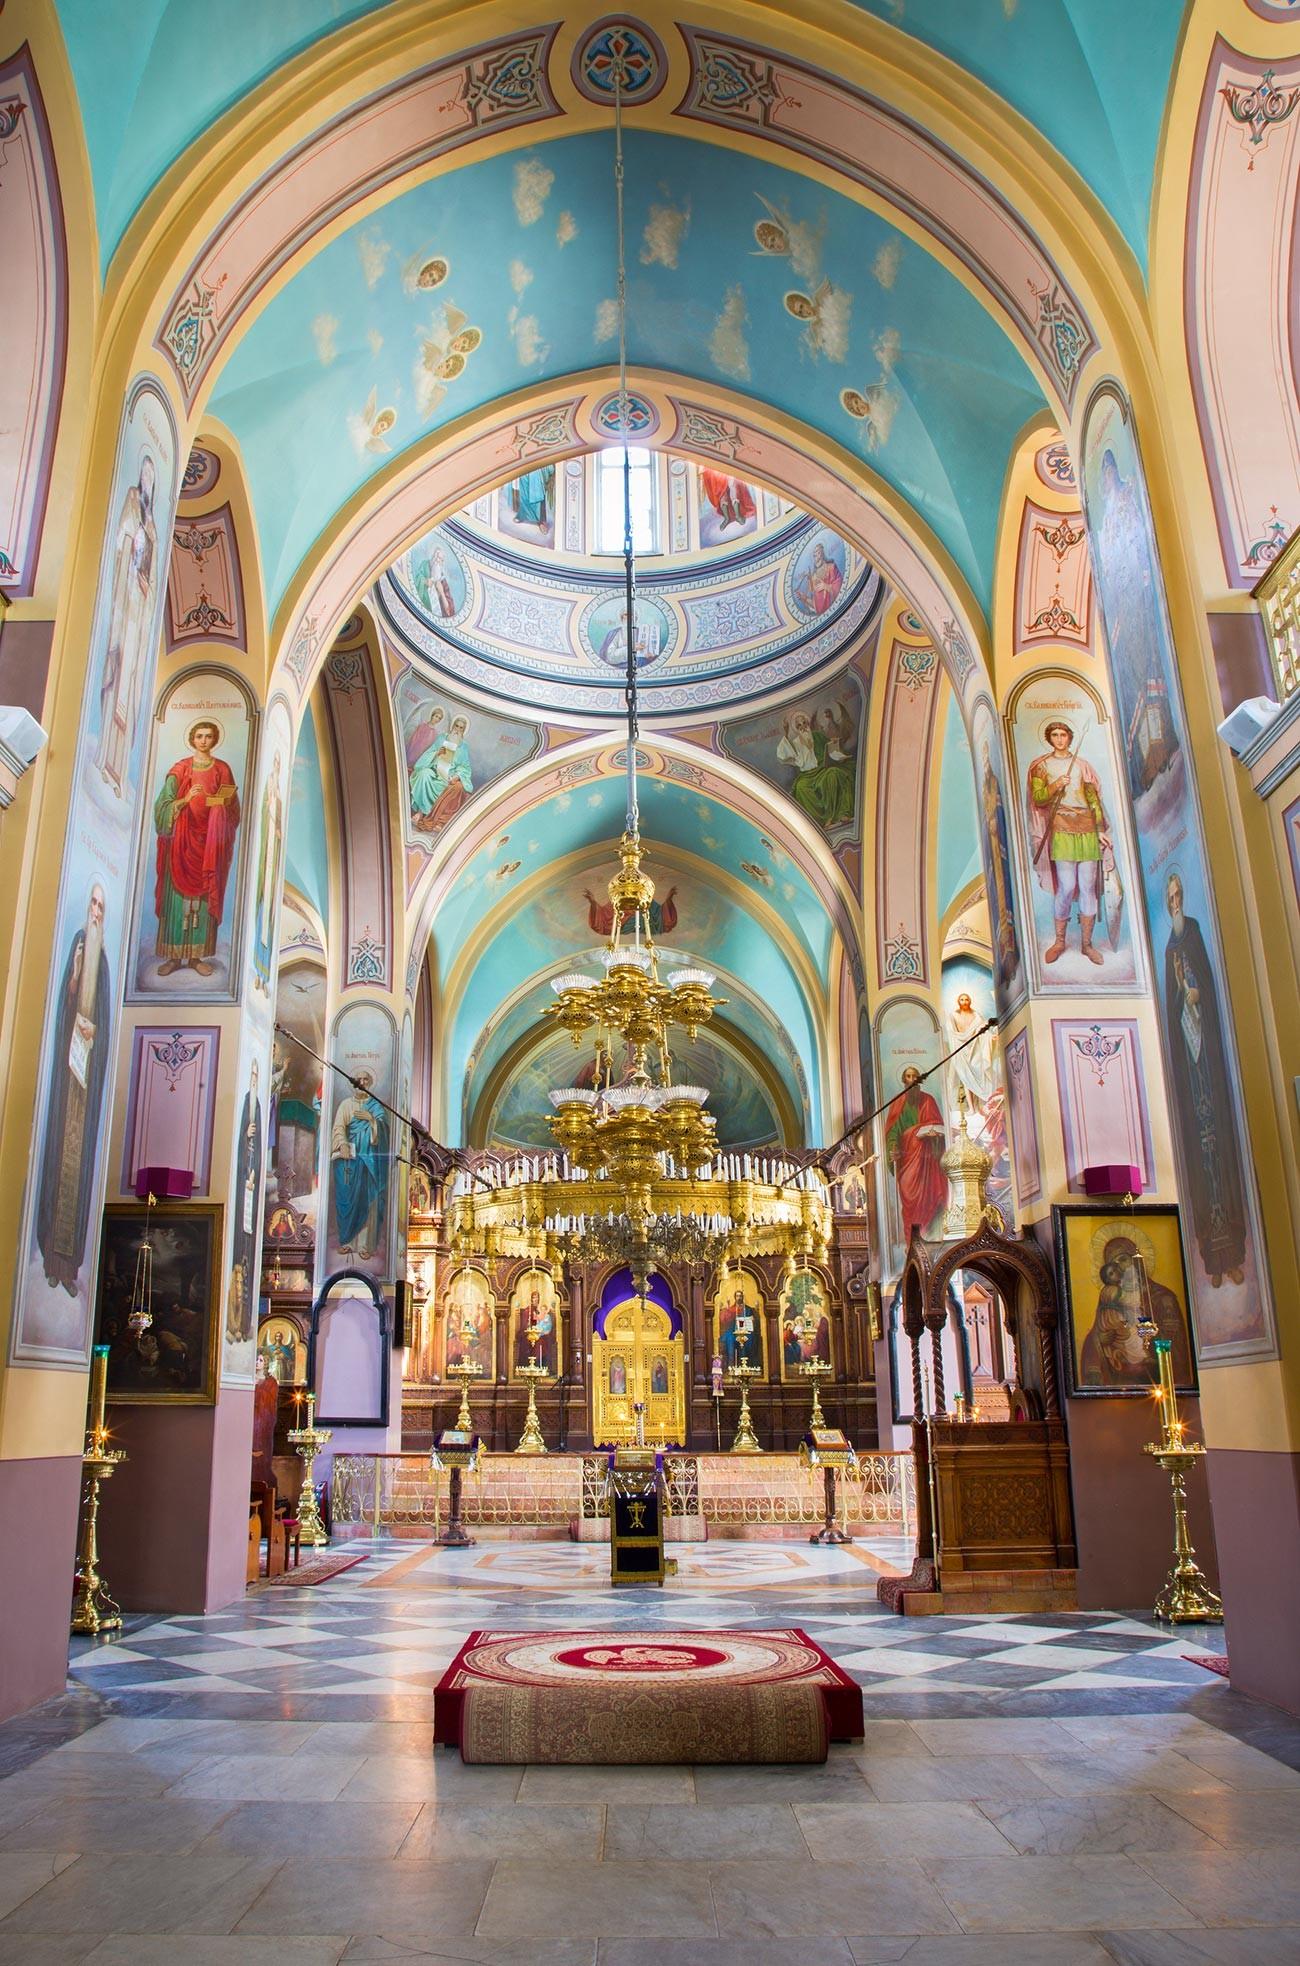 Bagian dalam Gereja Tritunggal Mahakudus